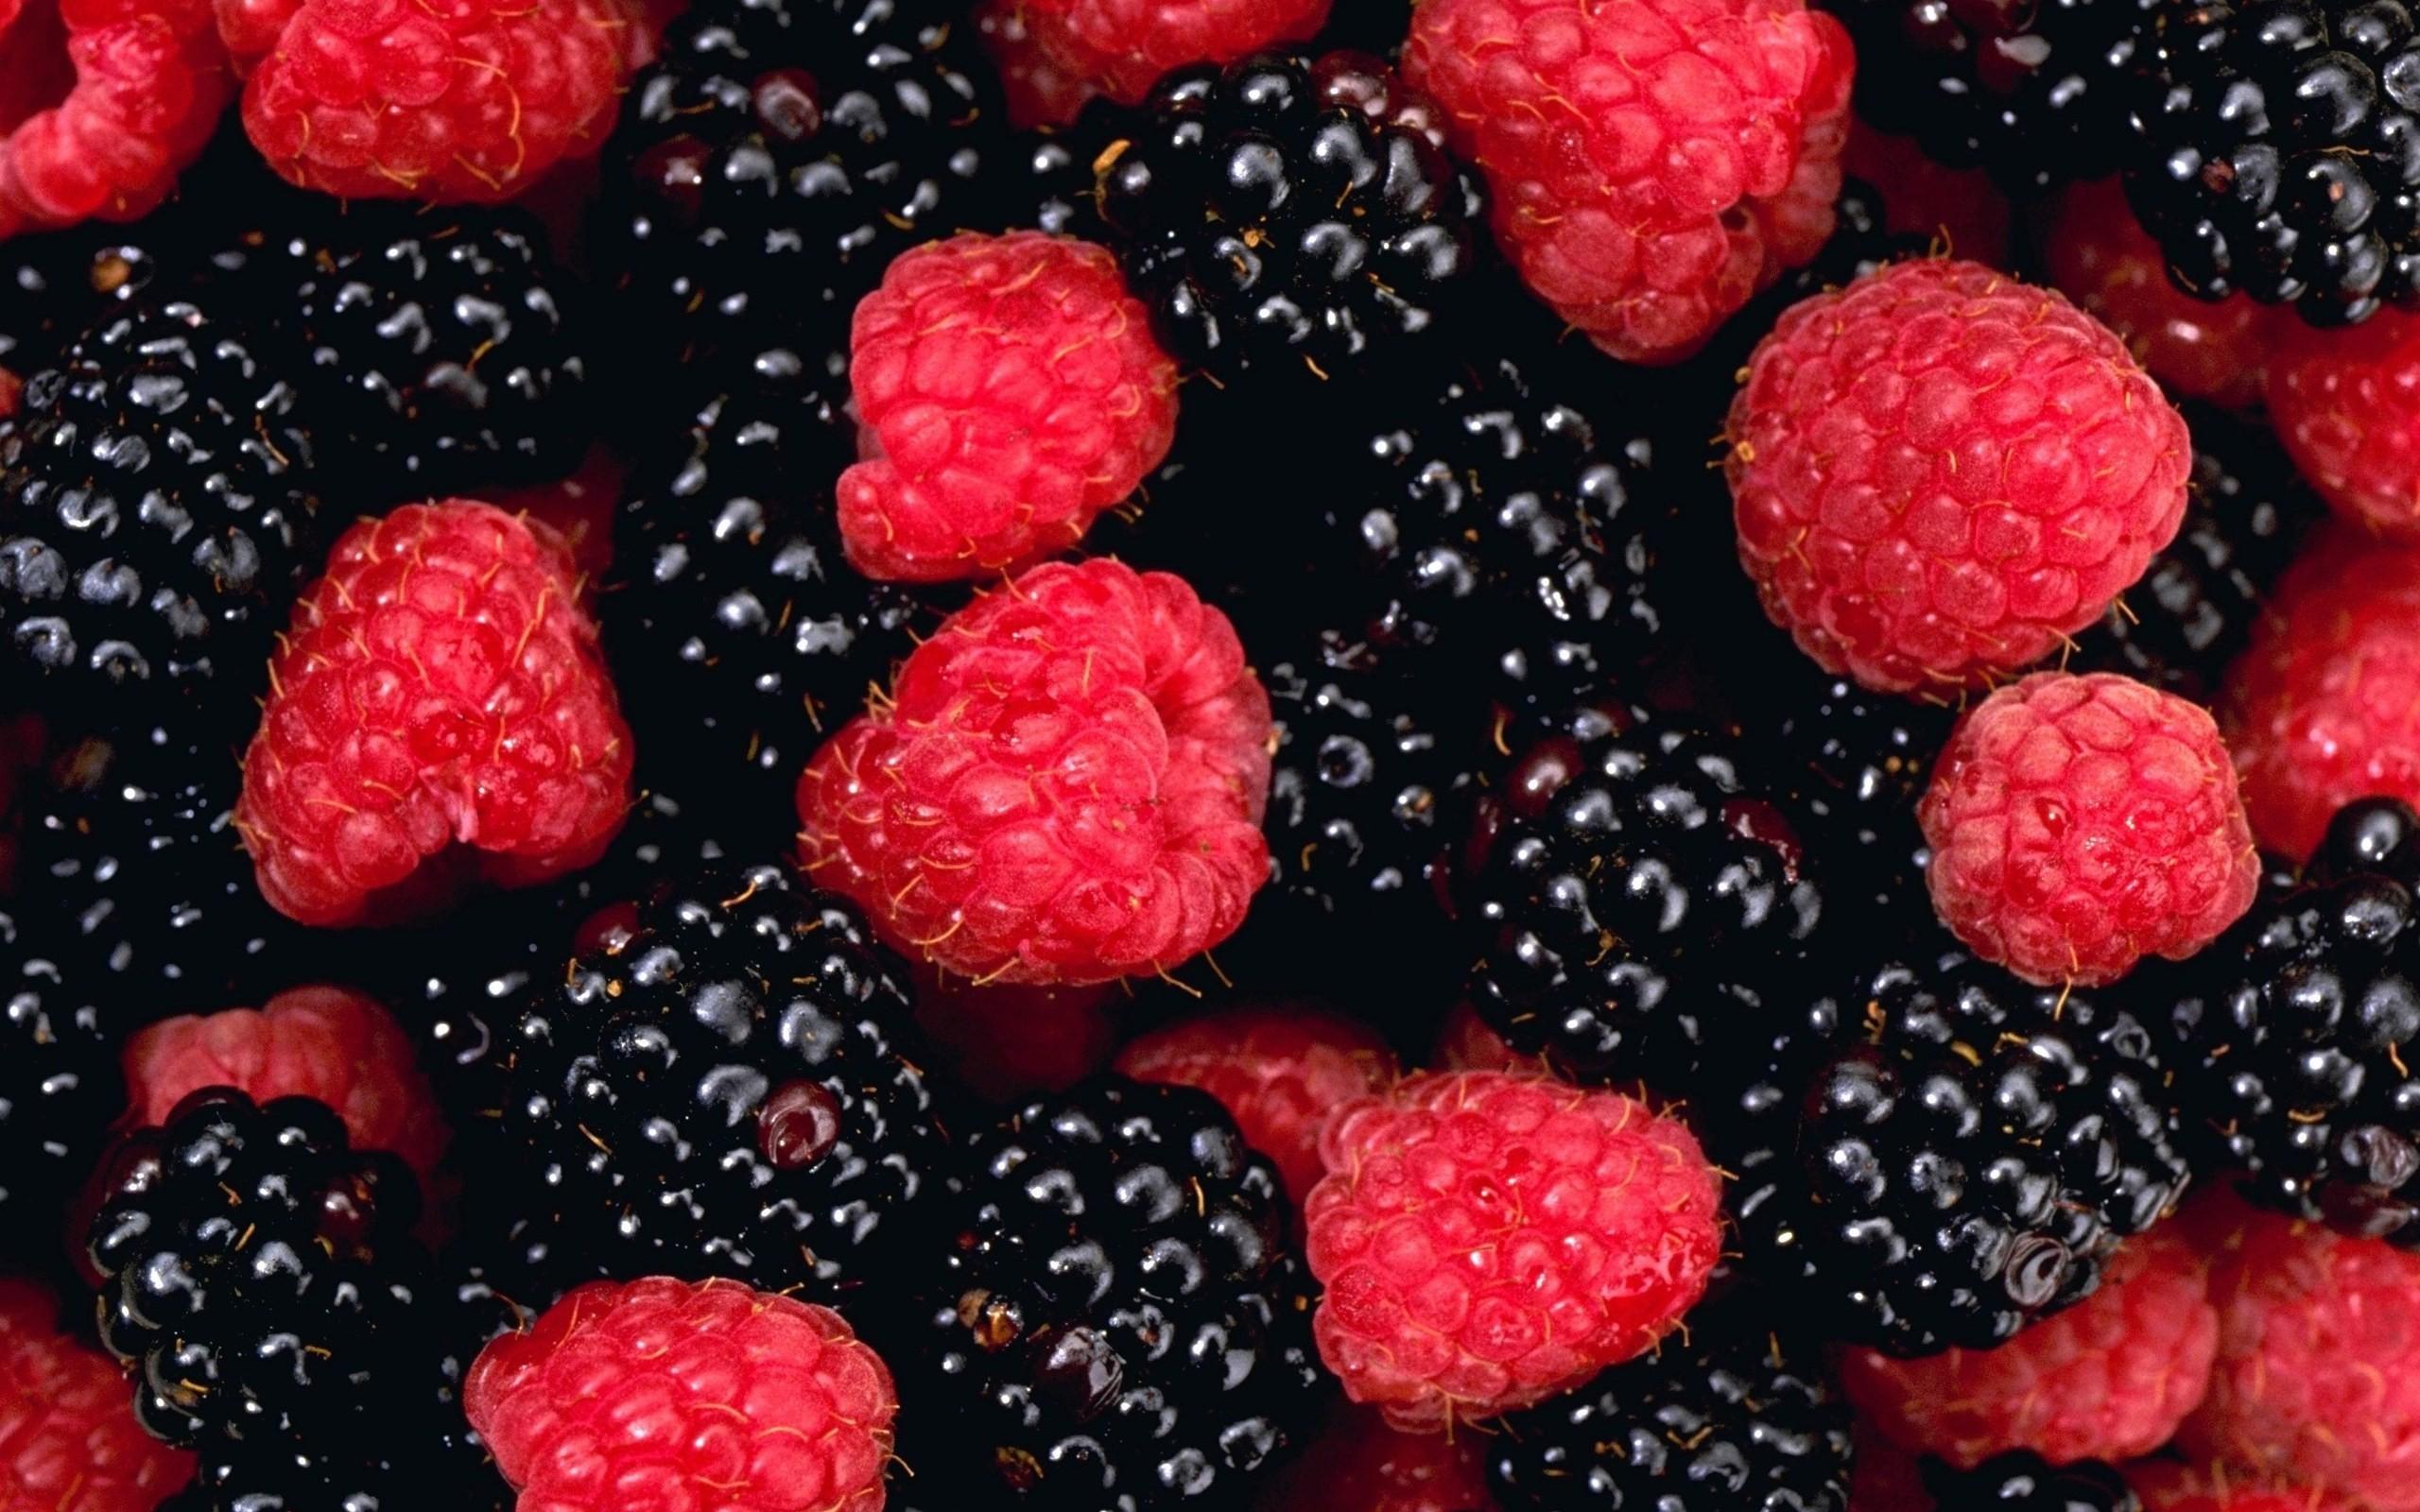 Blackberries HD Wallpapers